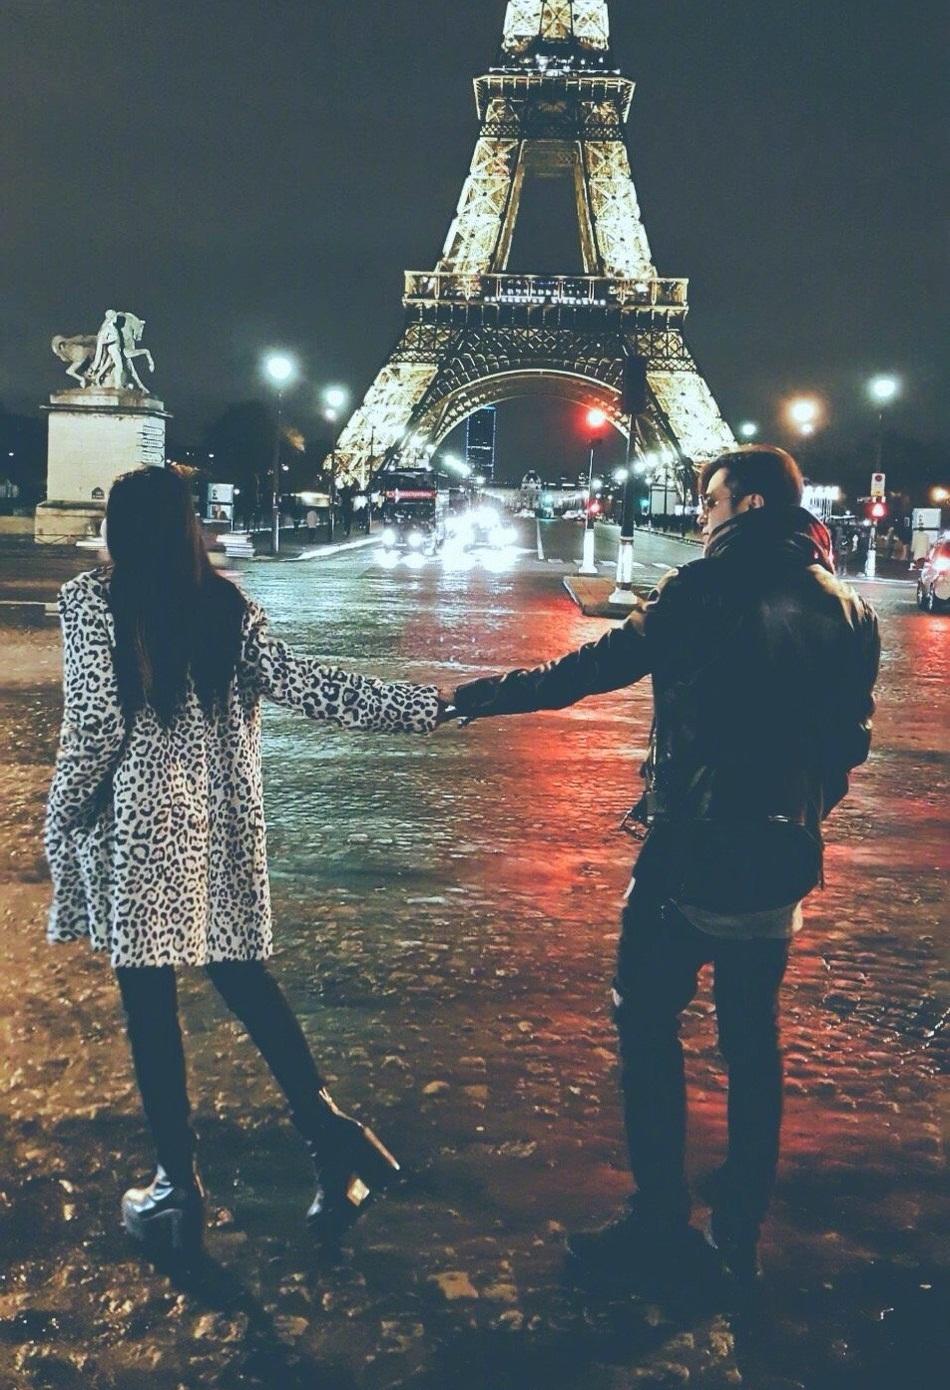 Khoảnh khắc lãng mạn ở Paris của hai người từng được Châu Dương Thanh hỏi ý kiến bạn trai để công khai trên Weibo nhưng anh không đồng ý.